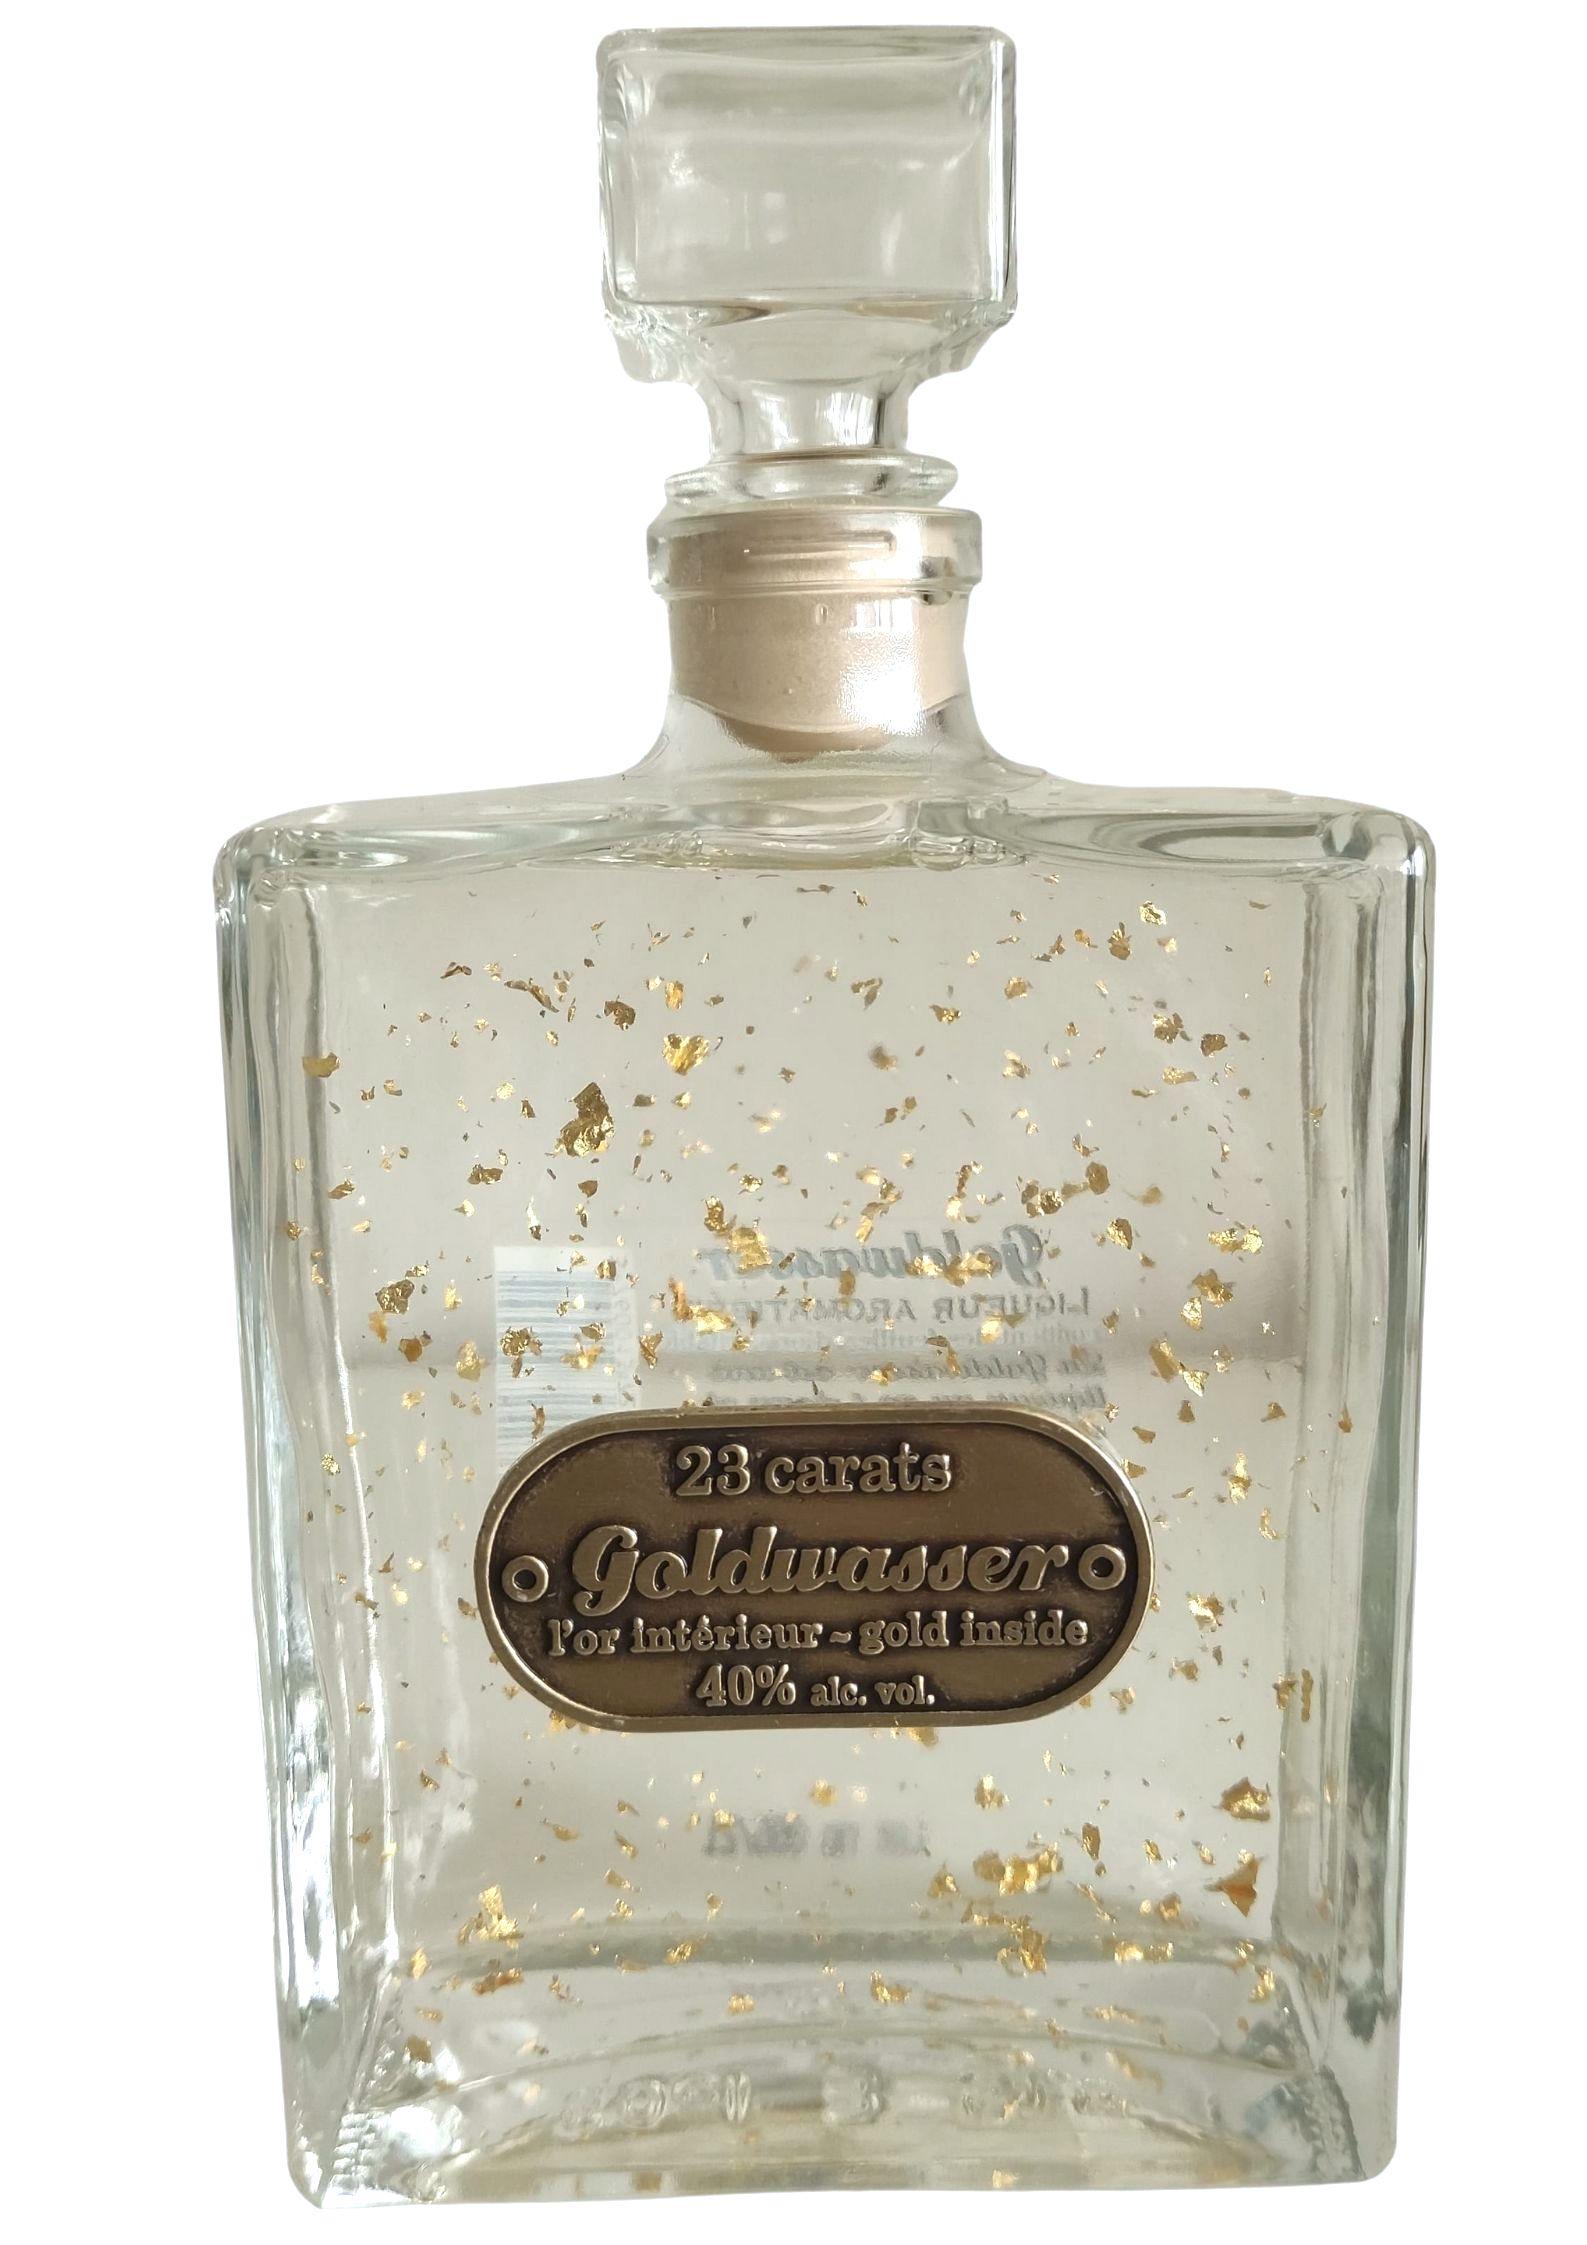 Vodka Goldwasser avec des Paillettes d' or 23 carats